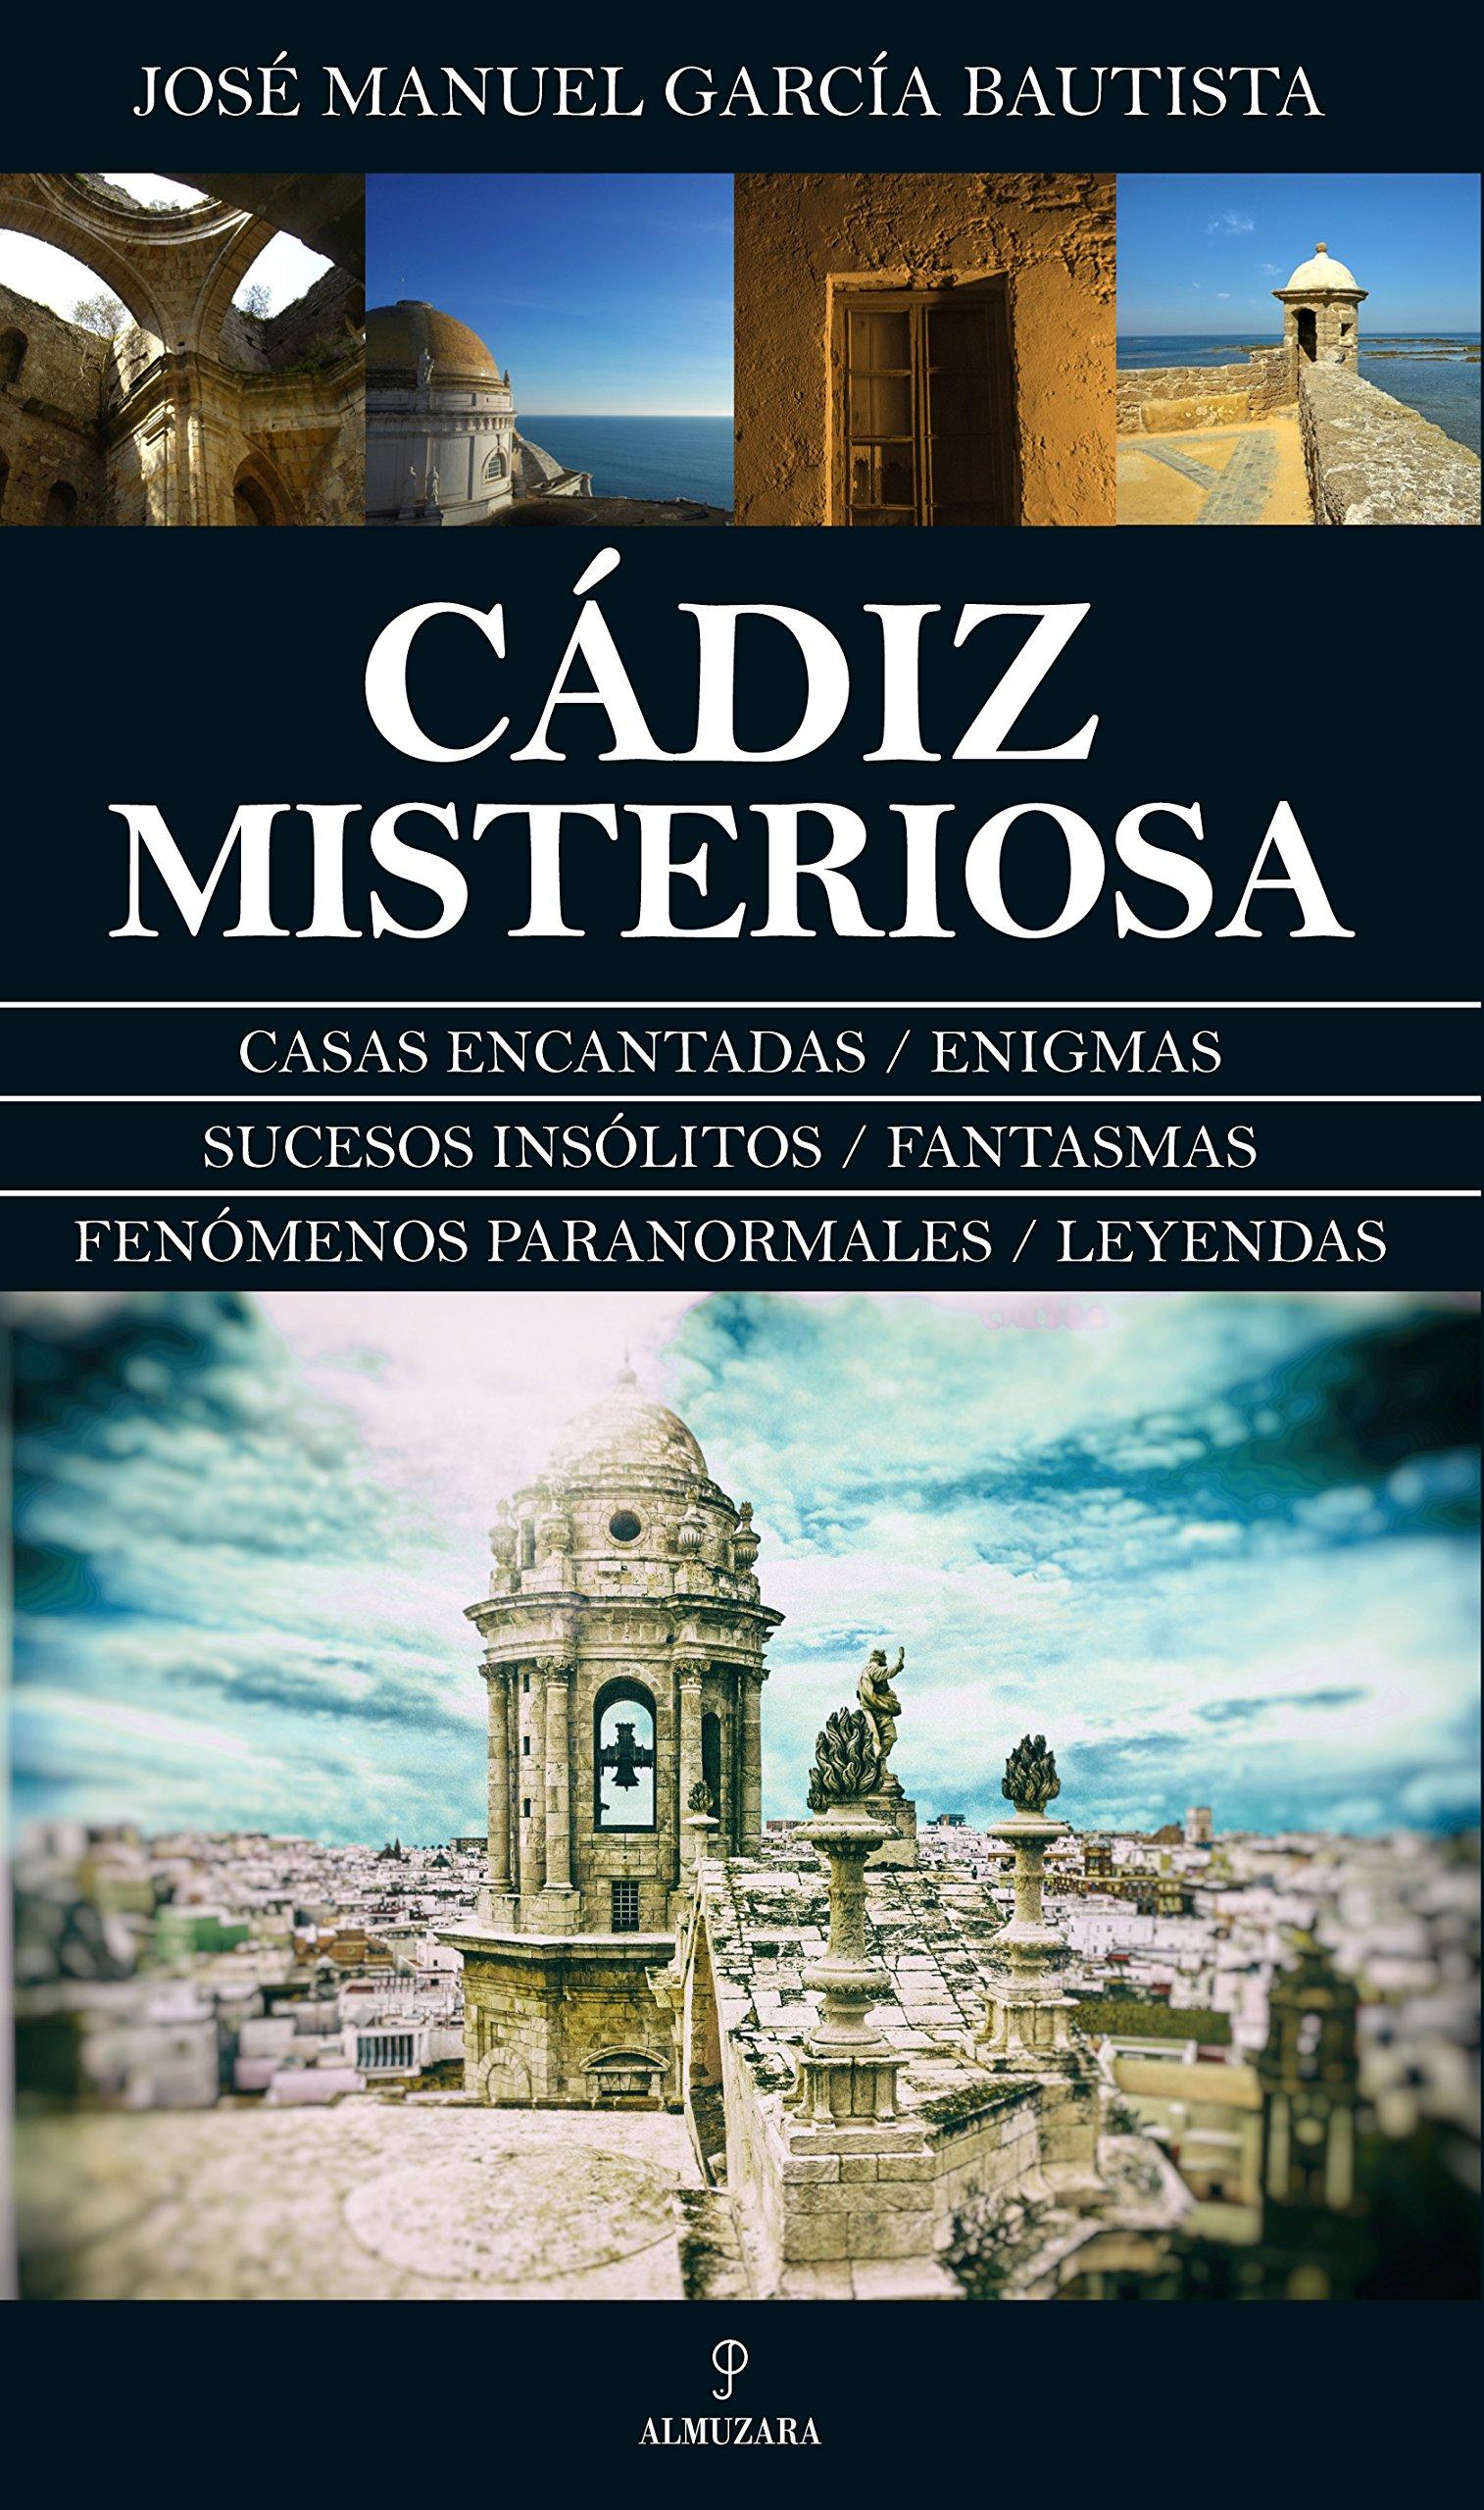 Cádiz Misteriosa (Enigmas): Amazon.es: García Bautista, José Manuel: Libros